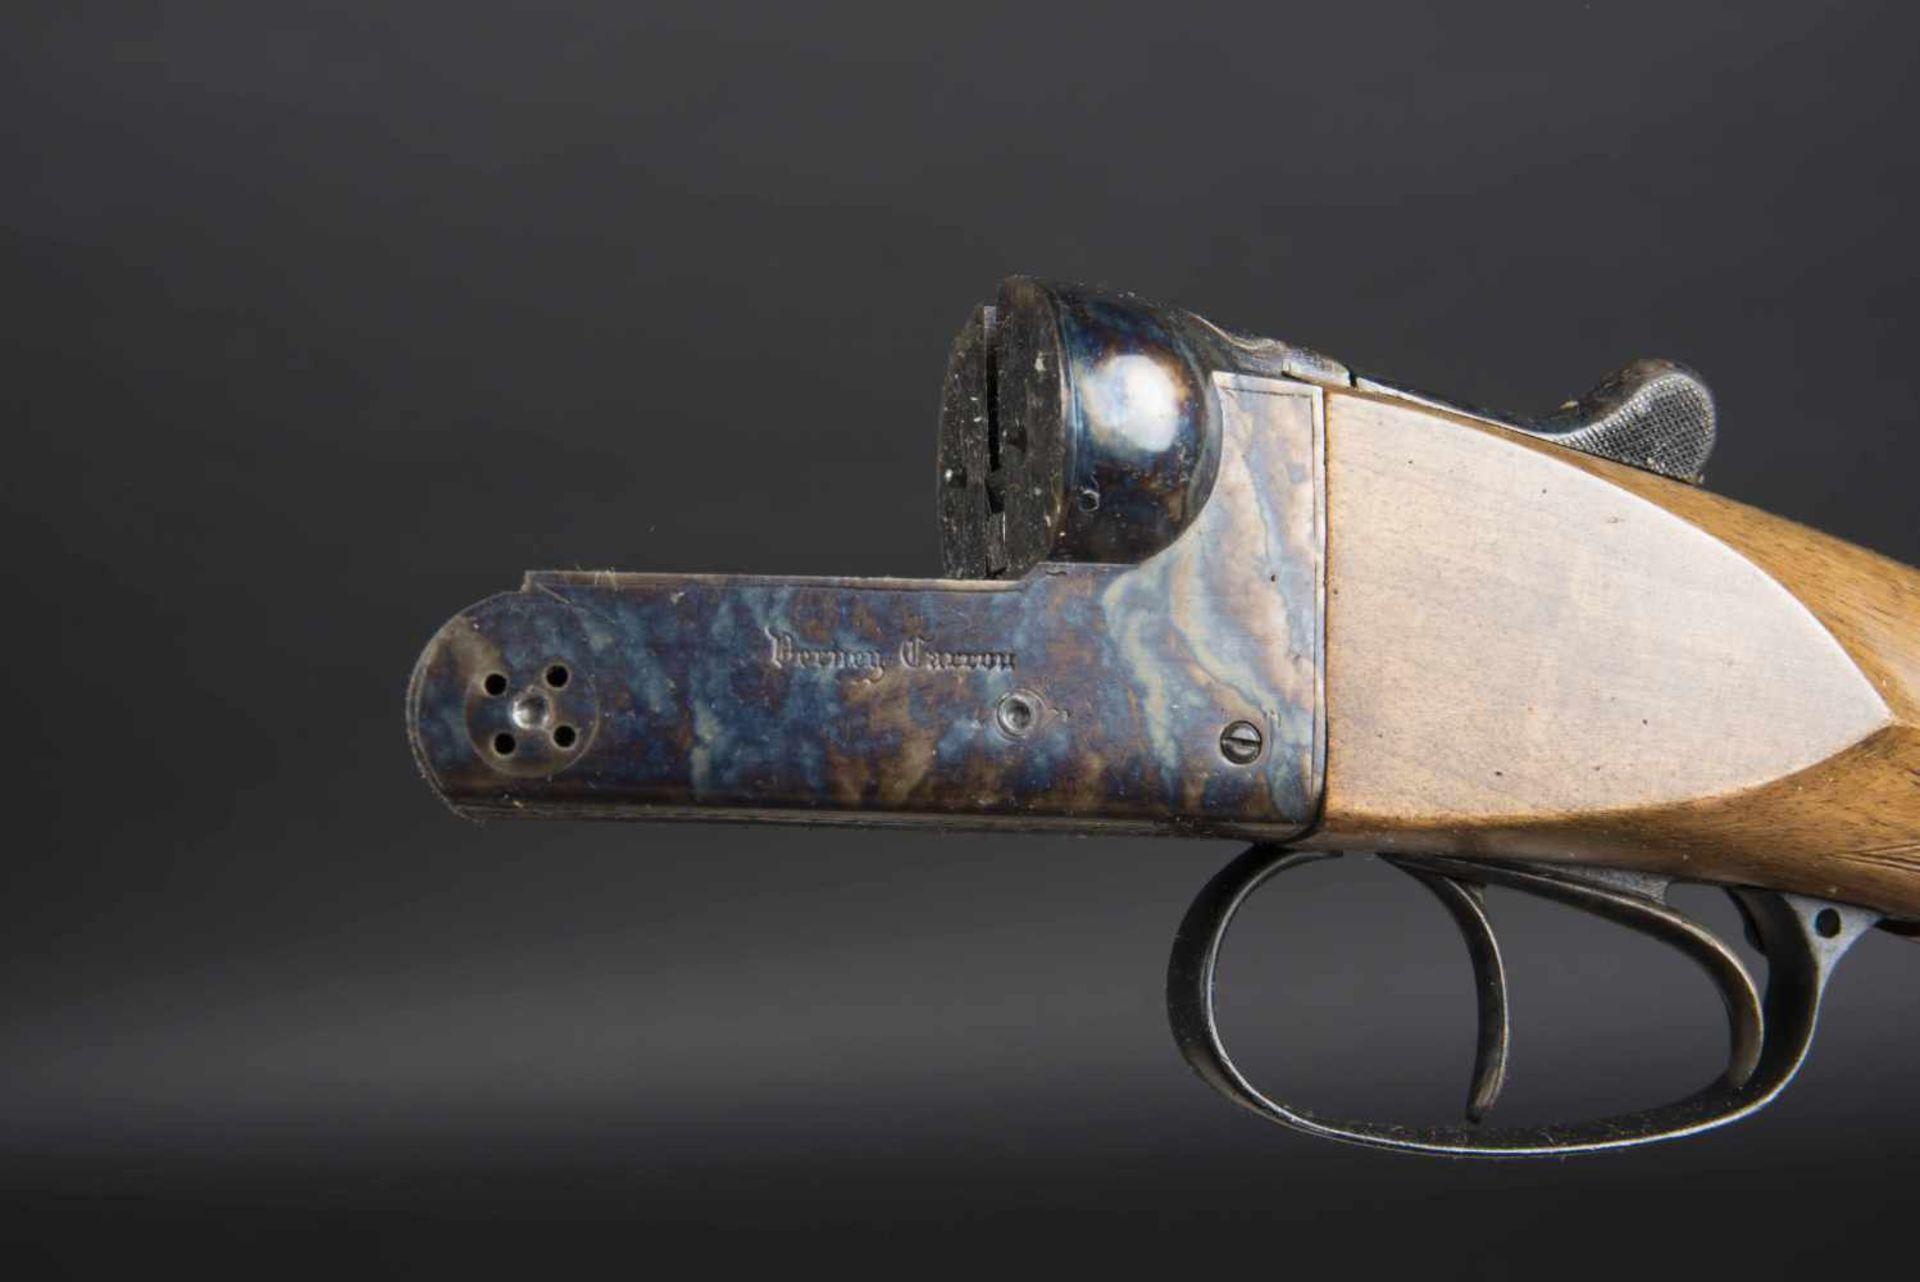 Fusil de chasse Verney Carron Catégorie C Modèle Pionnier, numéro 89687. Canon Verney Carron. - Bild 3 aus 3